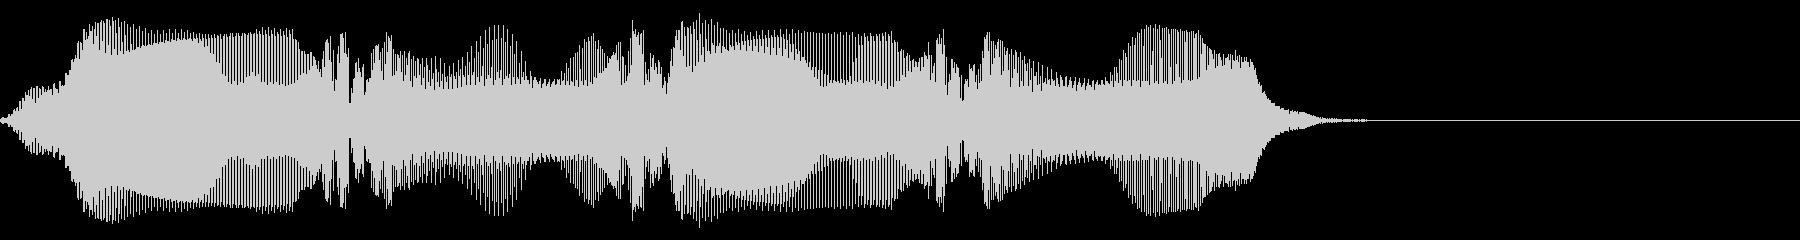 プワプワ(アラーム音・通知音・呼び出し)の未再生の波形